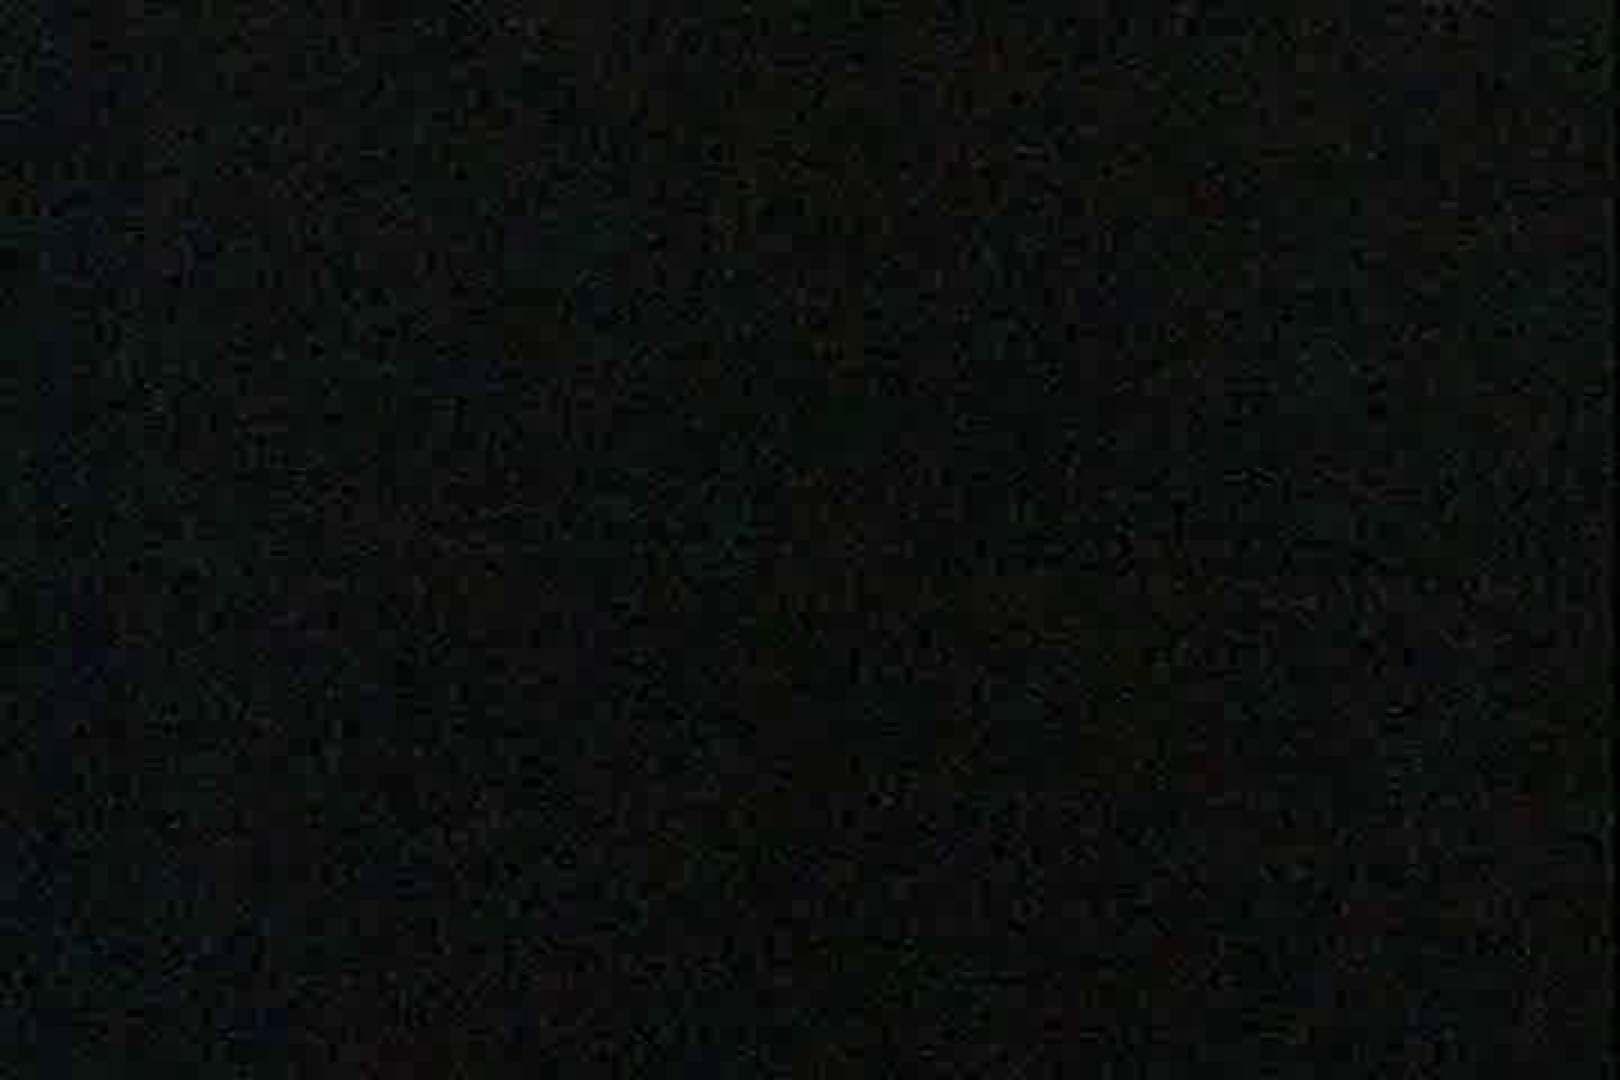 充血監督の深夜の運動会Vol.39 エッチなセックス   カップル盗撮  56画像 43